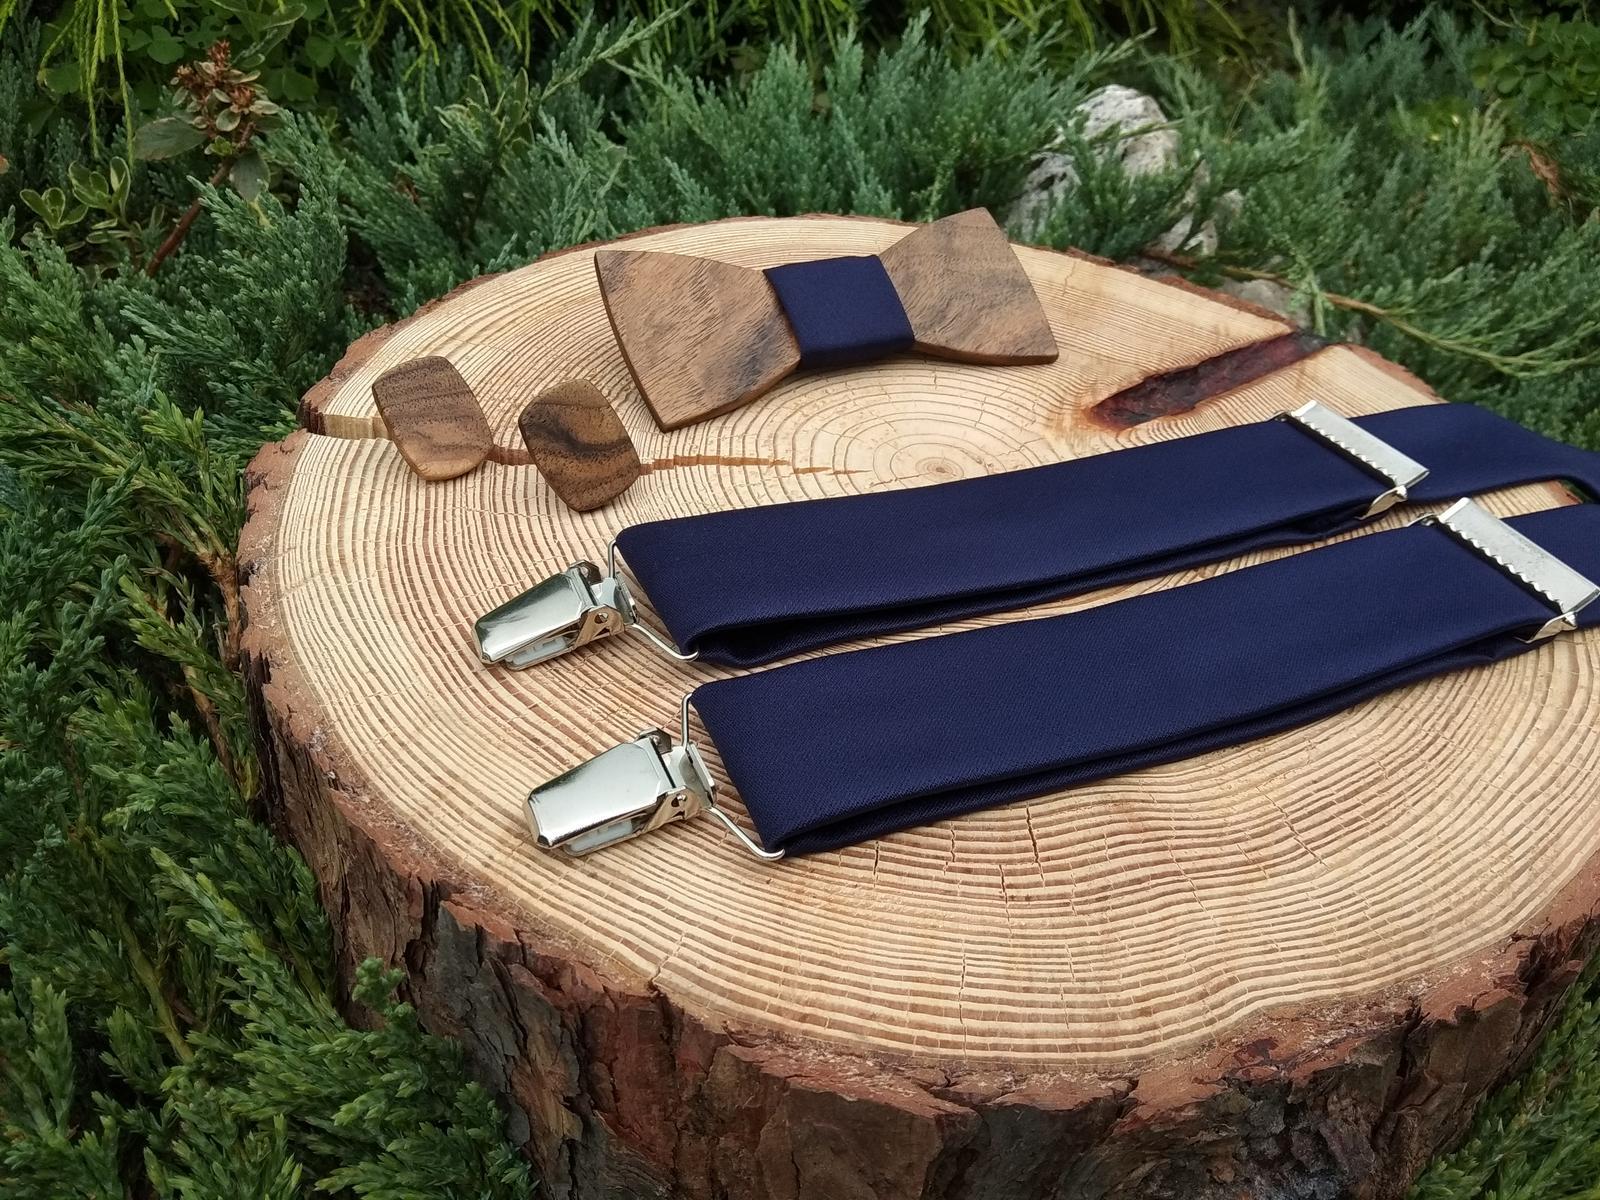 Pánsky set - drevený motýlik, manžetové gombíky a  - Obrázok č. 2